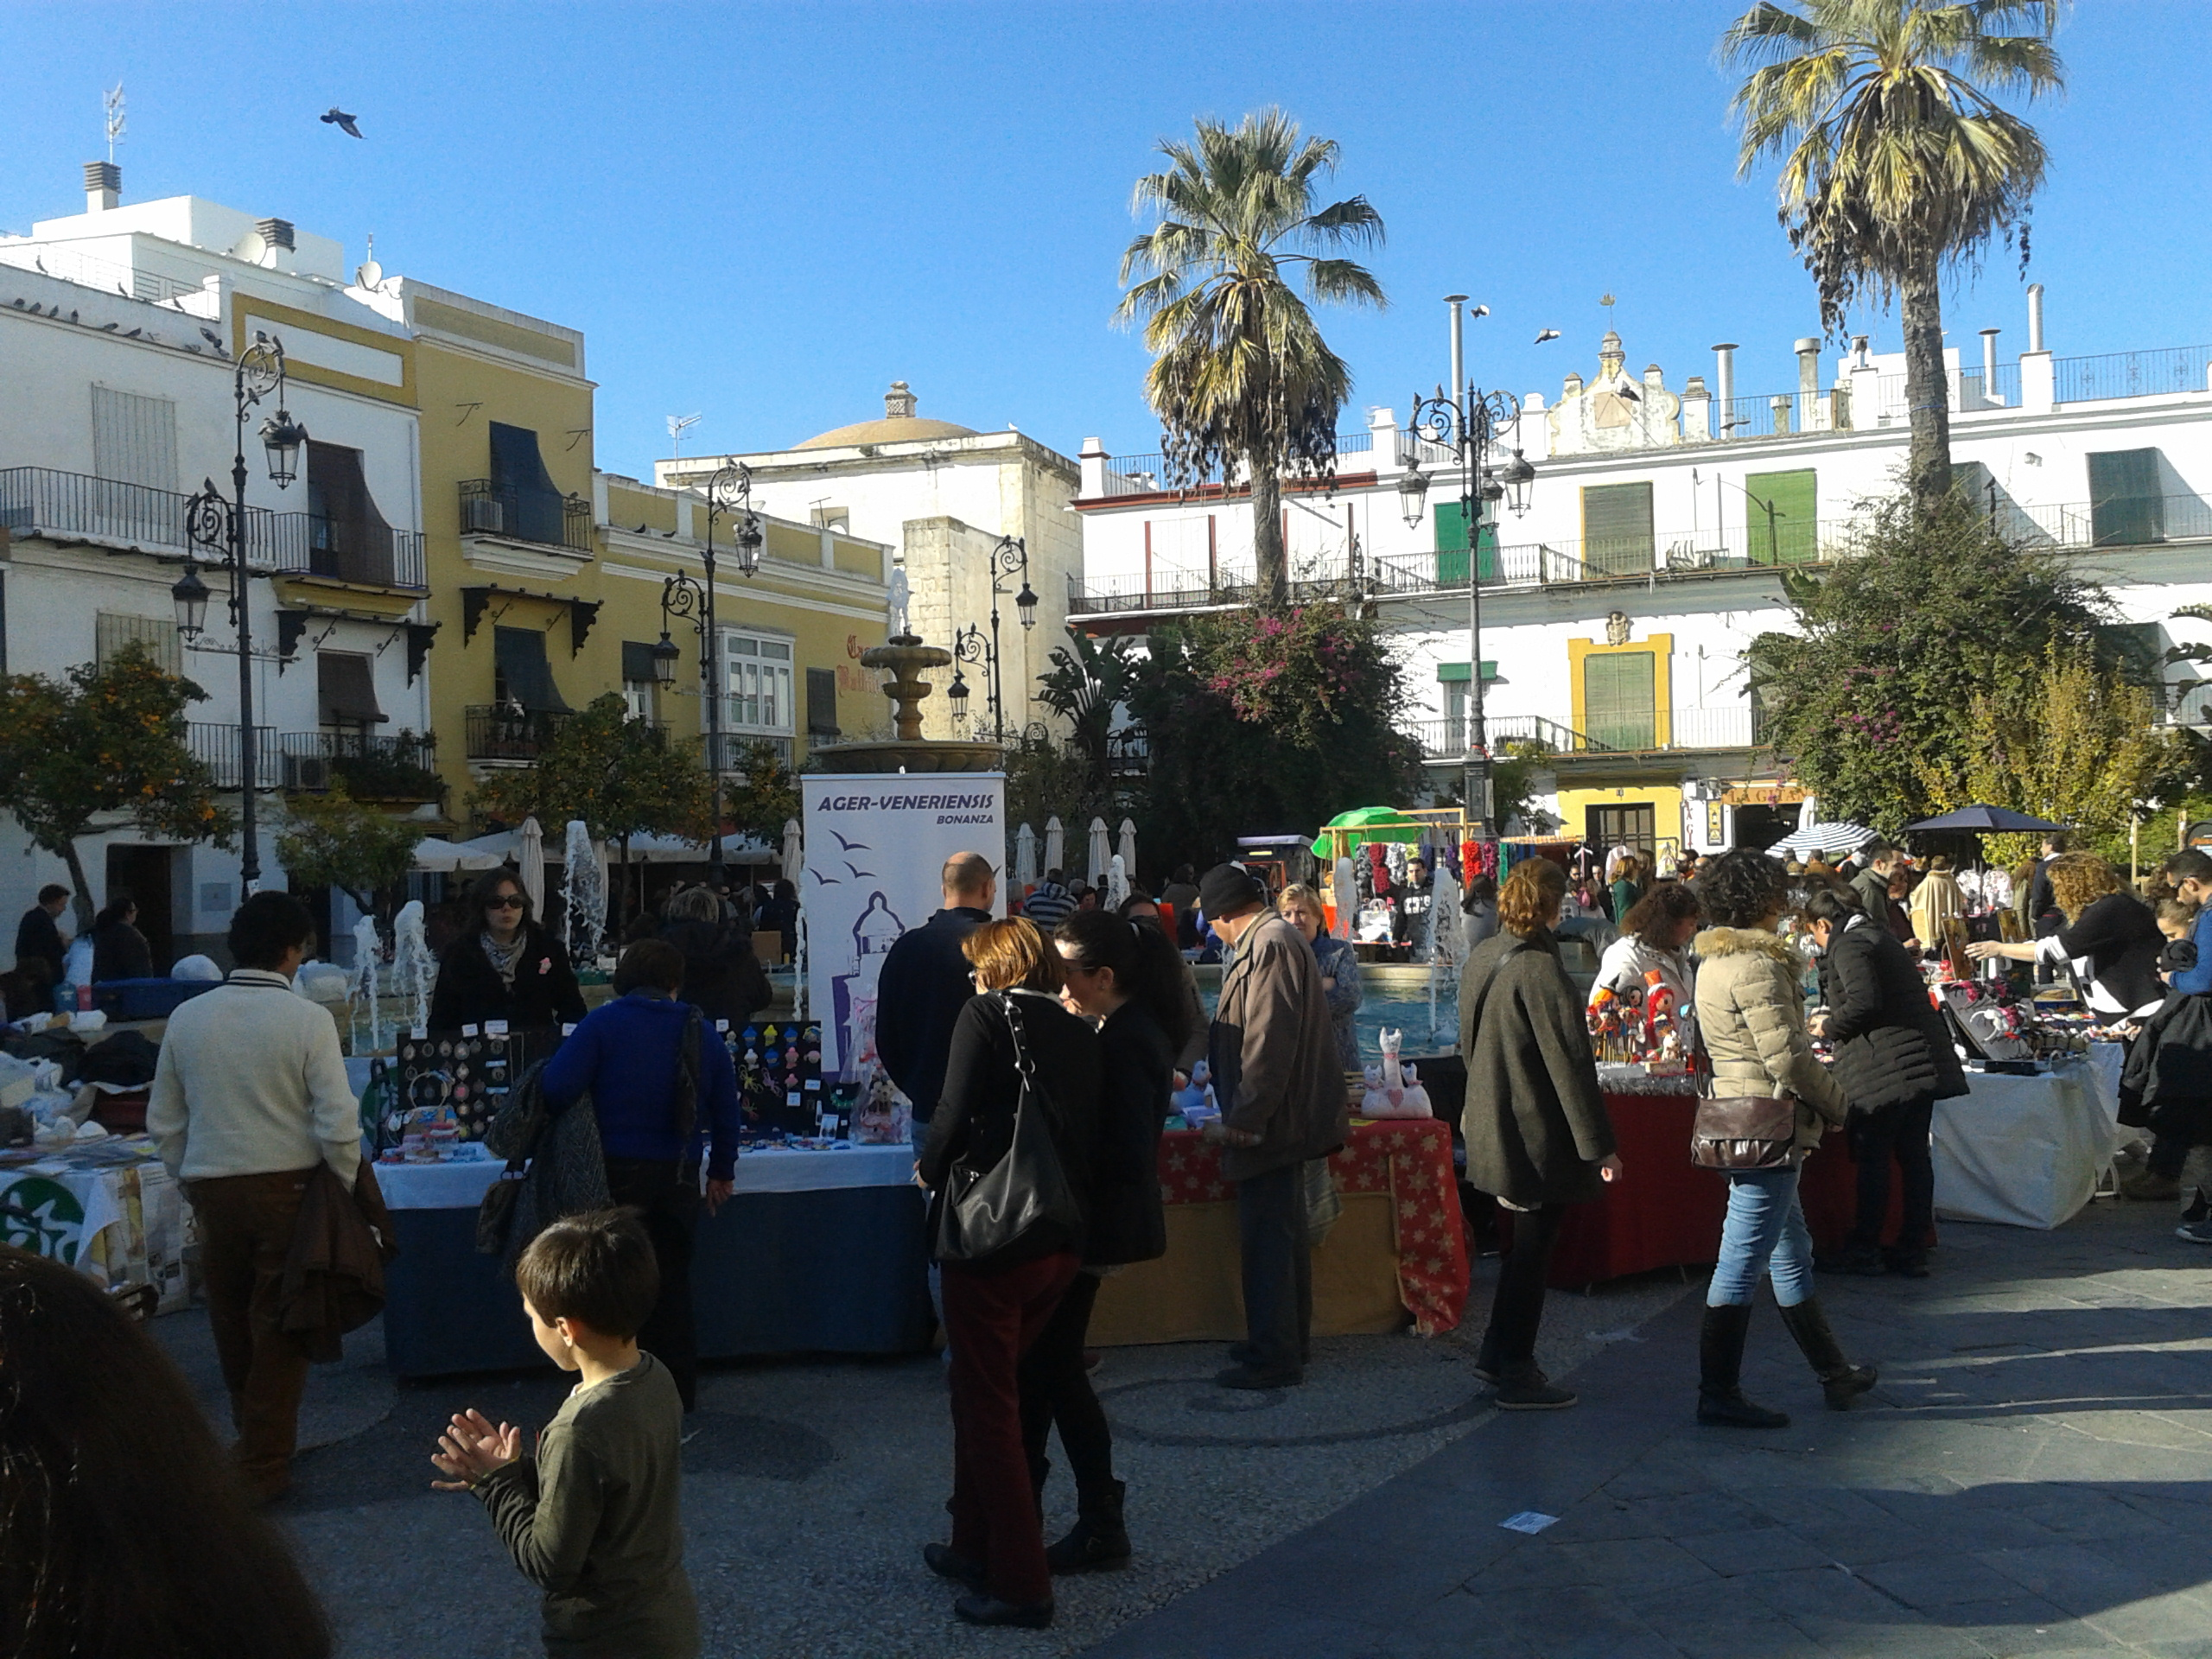 Artisans fair in the Plaza de Cabildo